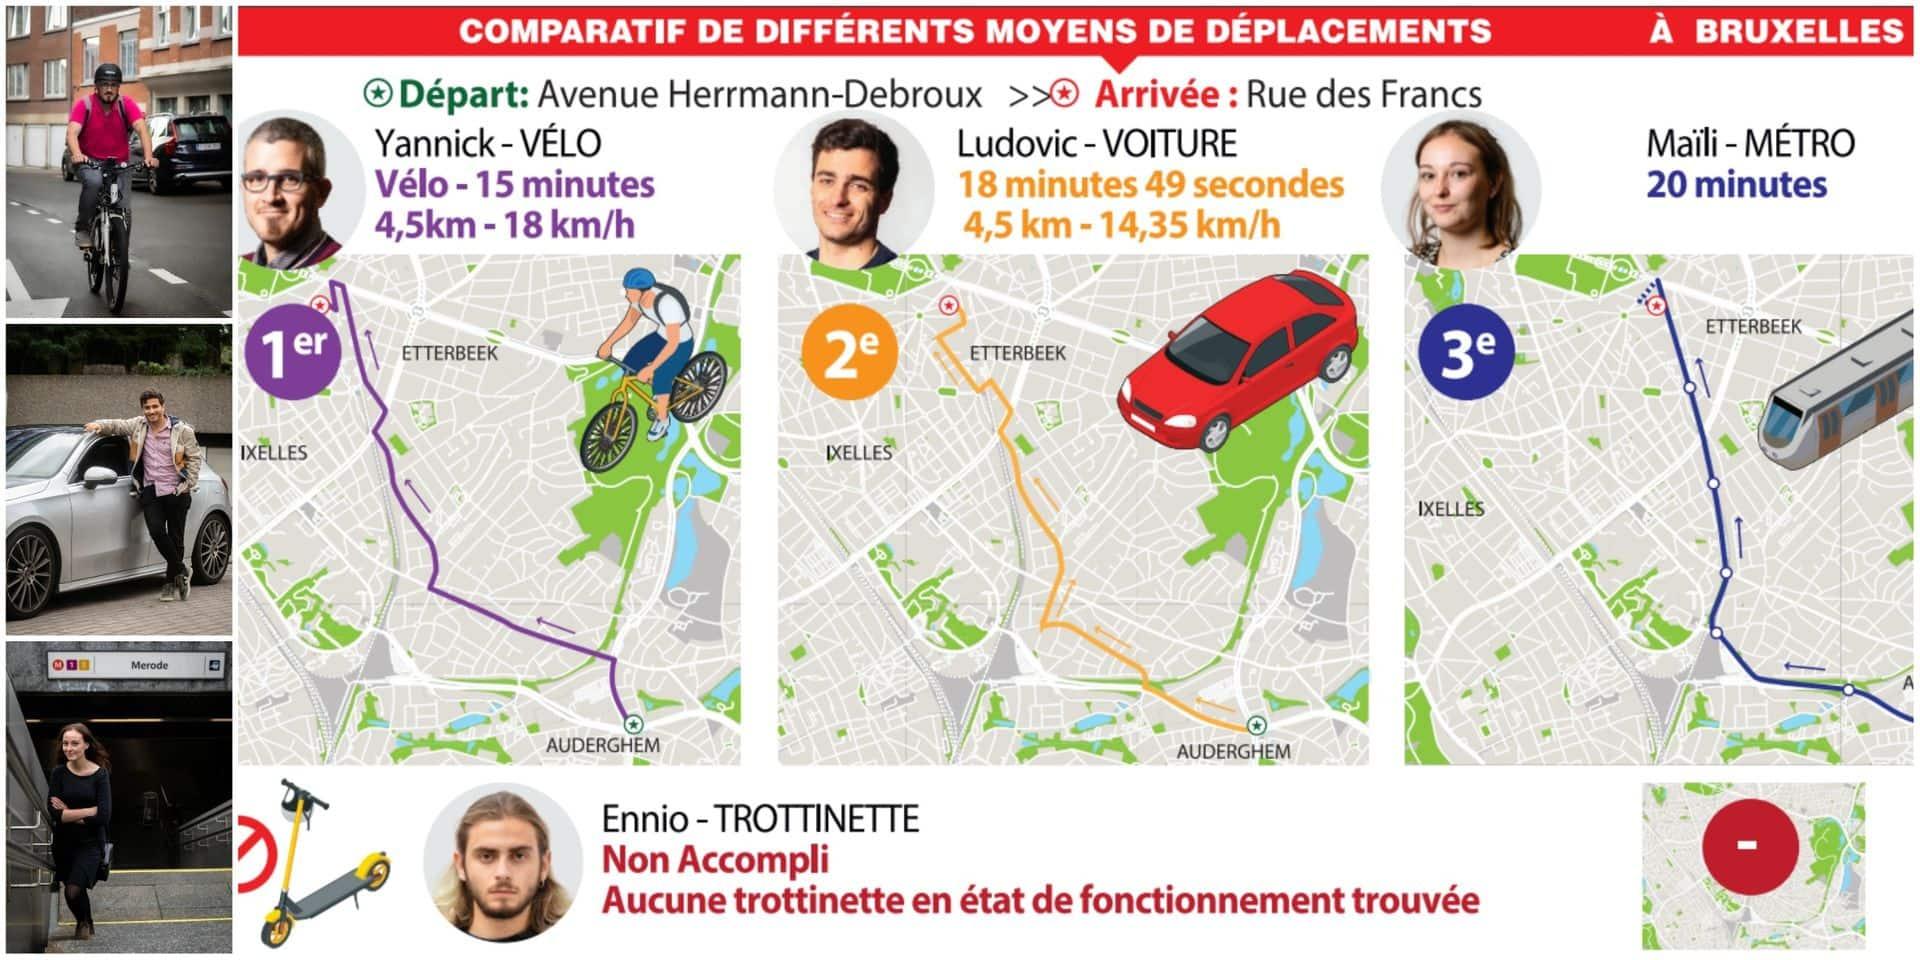 Notre test comparatif de la mobilité à Bruxelles: à vélo, on dépasse le métro!